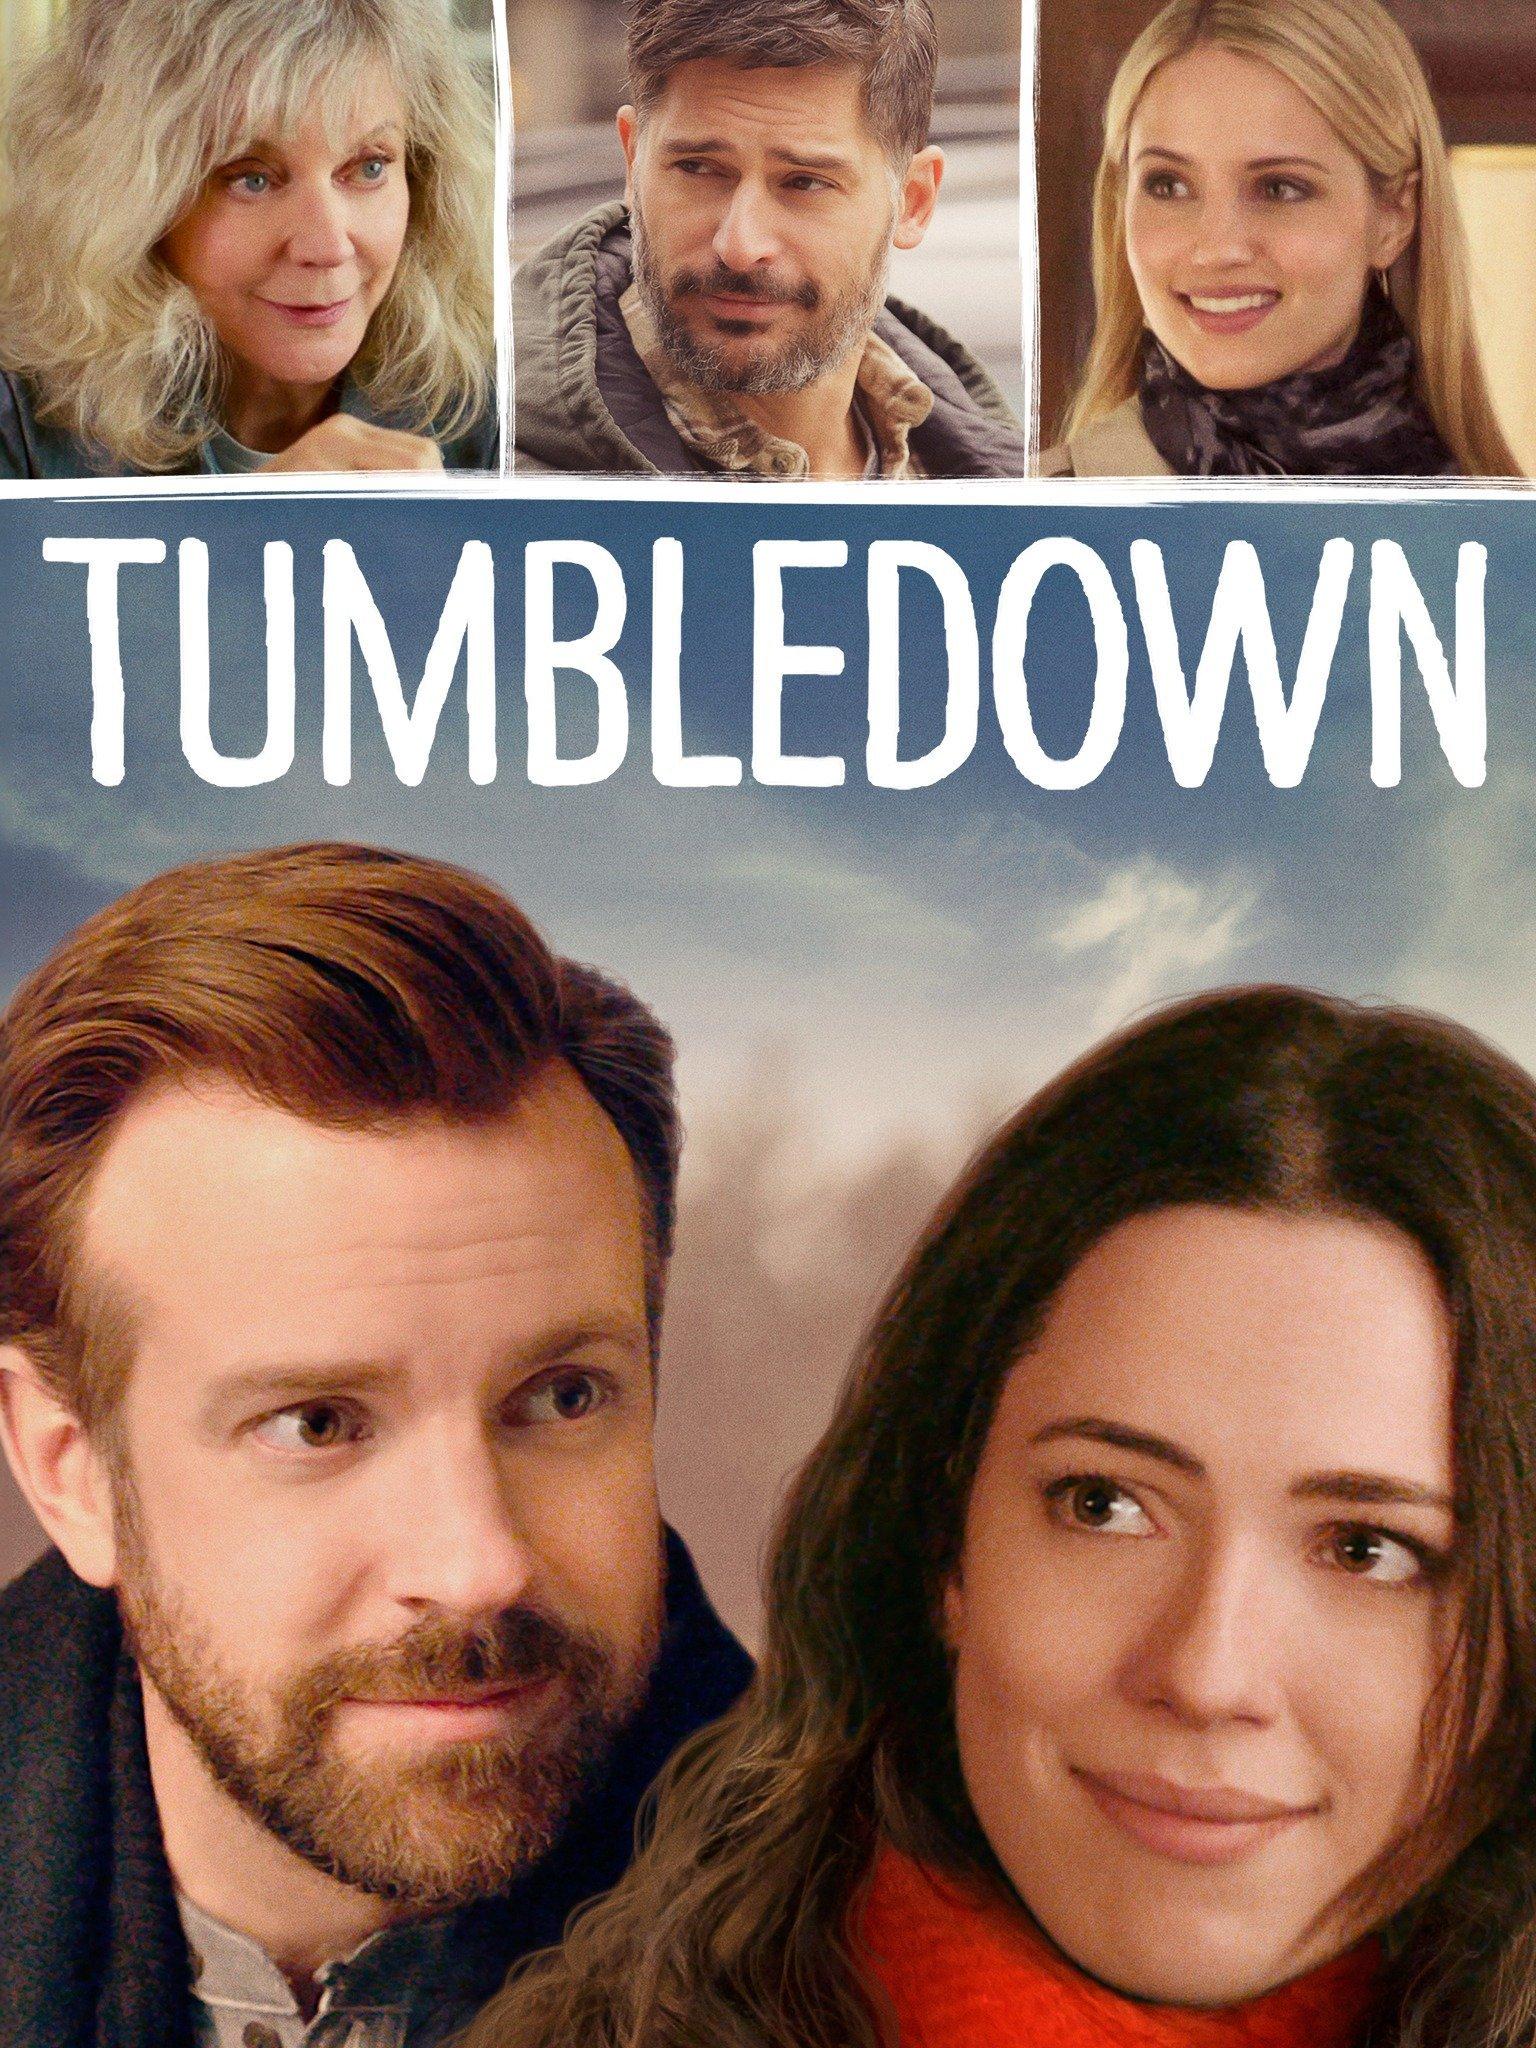 დაძველებული Tumbledown